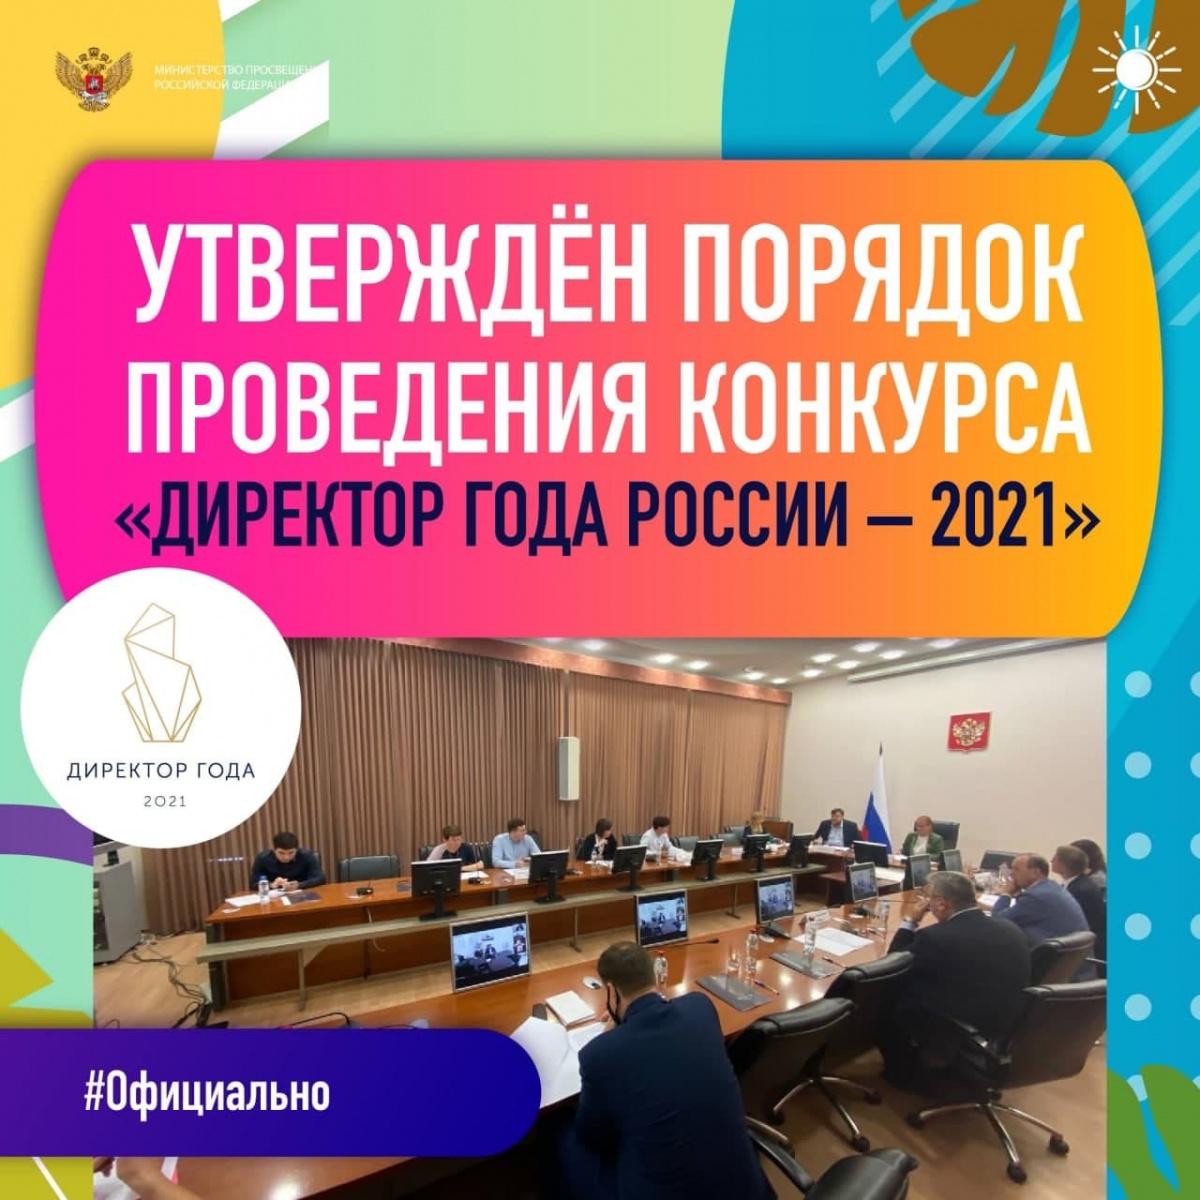 Утверждён порядок проведения Всероссийского профессионального конкурса «Директор года России» 2021 года